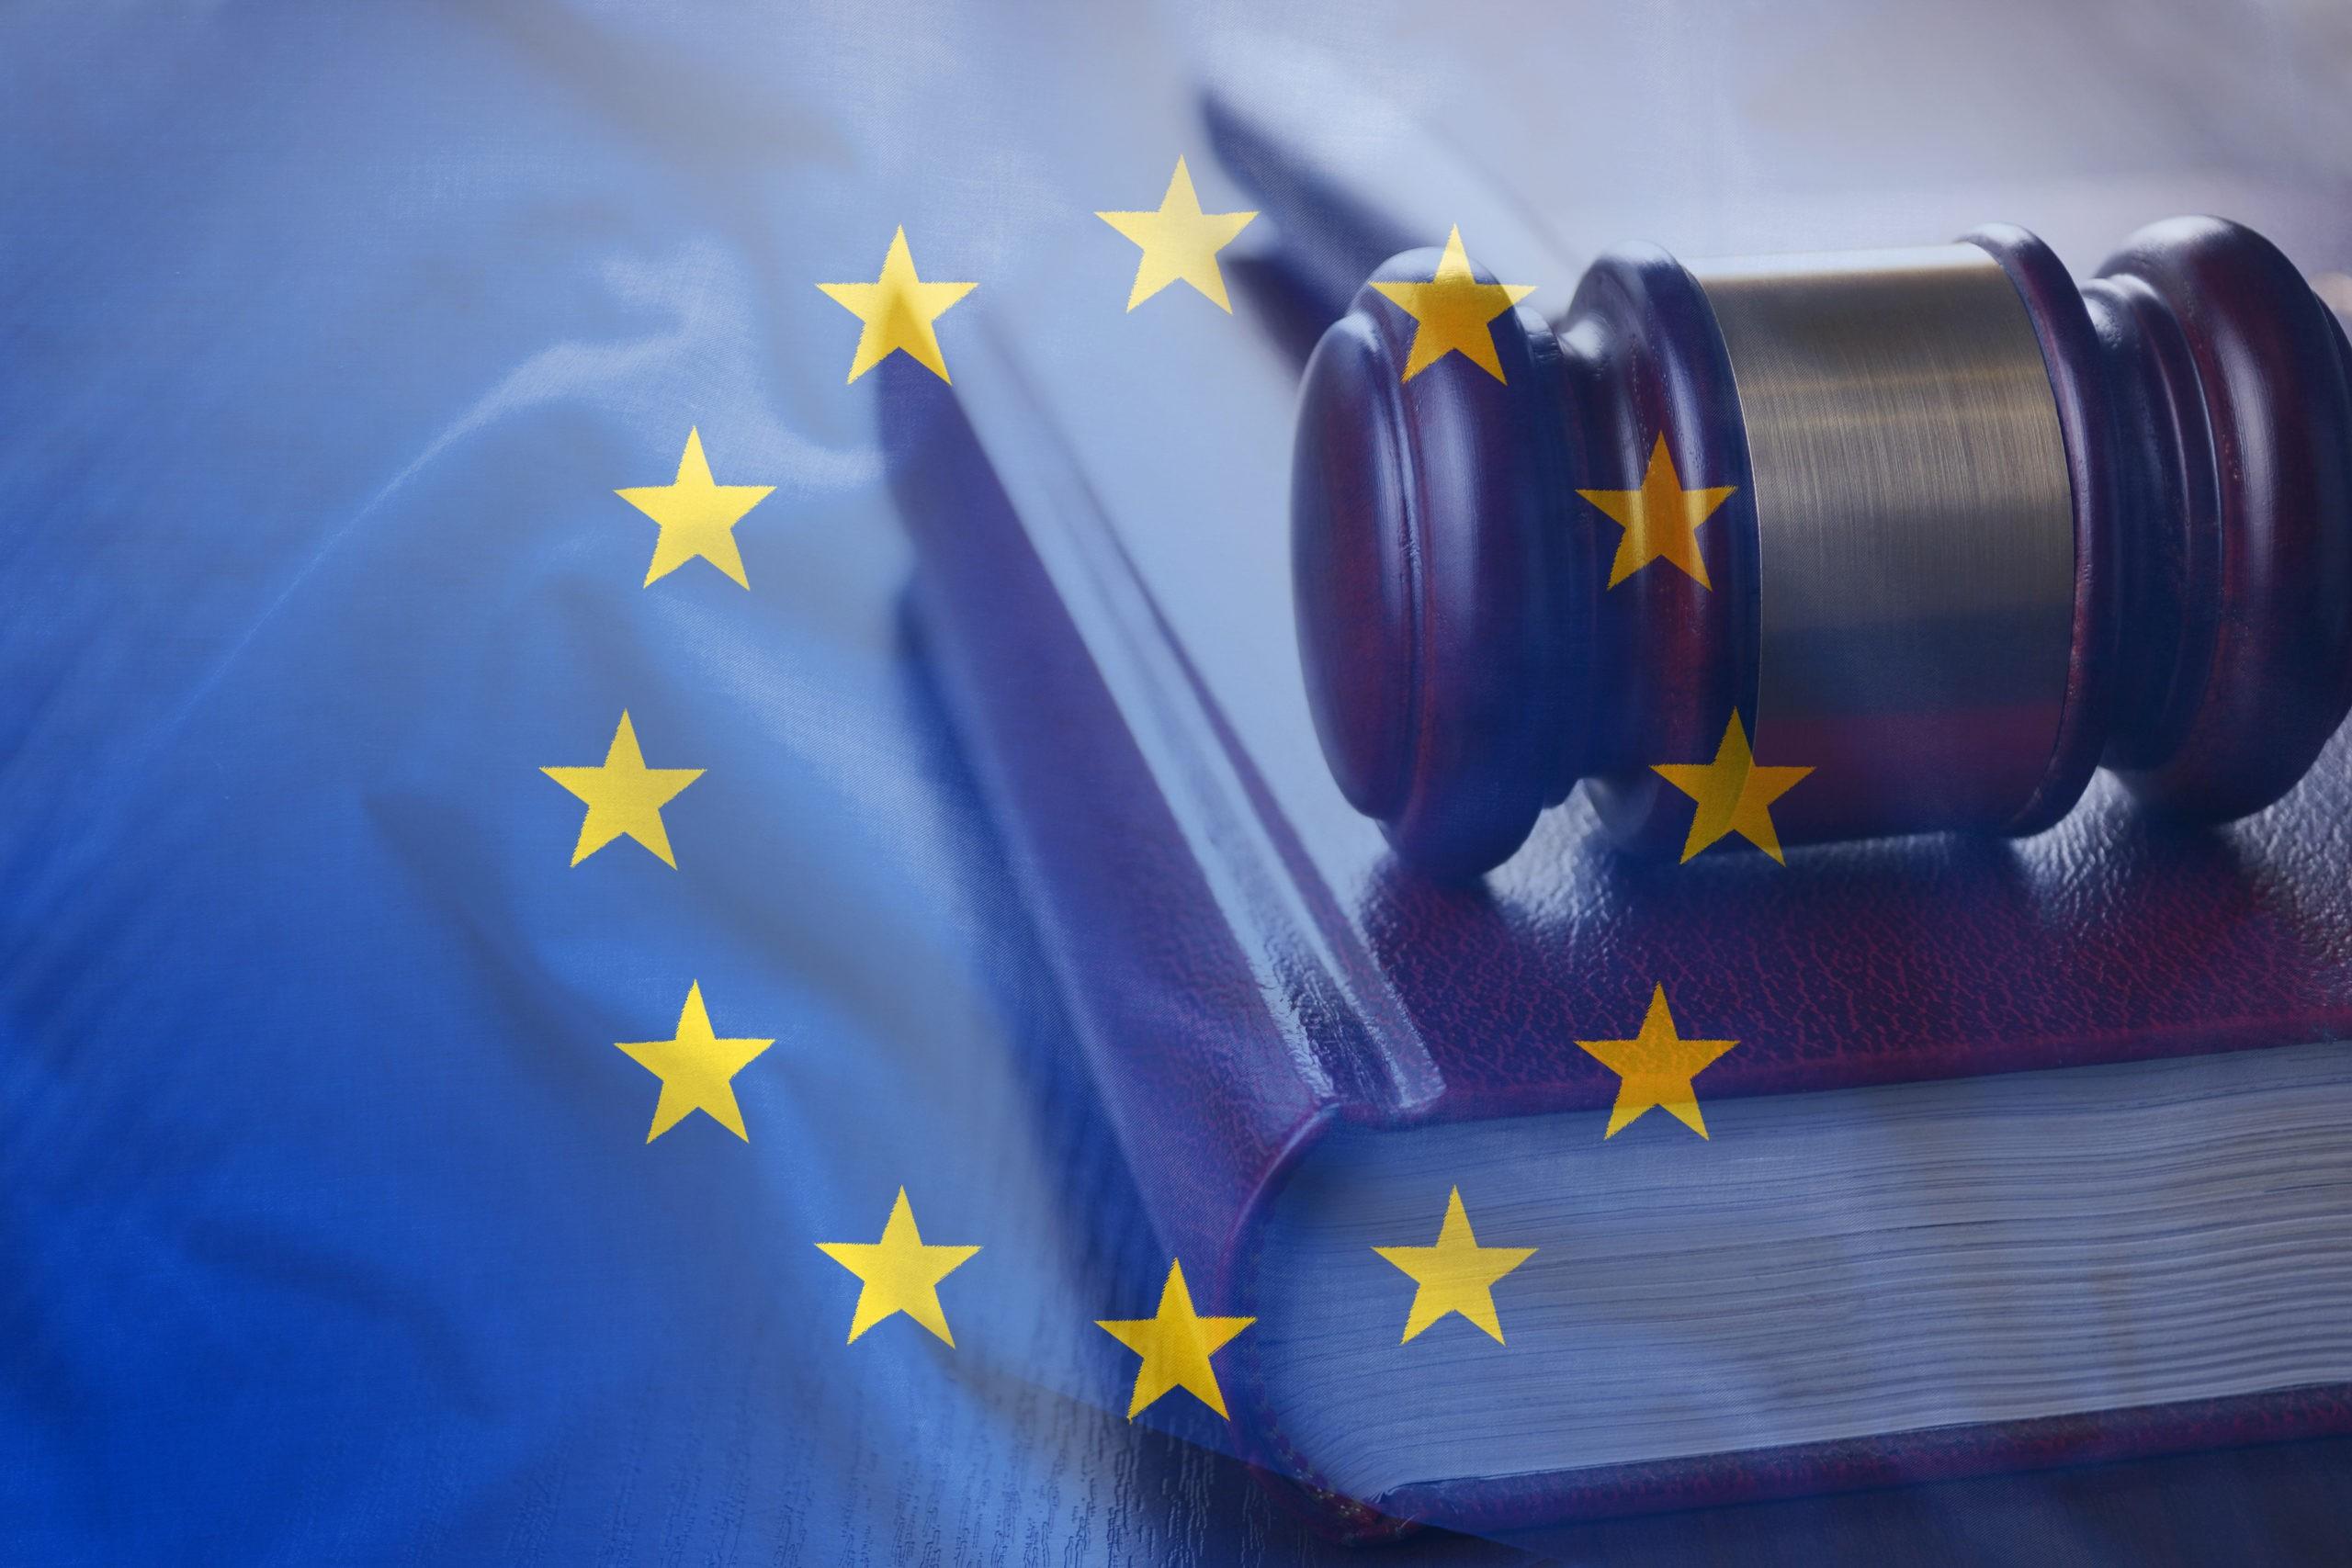 La justice de l'Union européenne invalide le dispositif «Privacy Shield» permettant aux acteurs situés dans l'Union européenne d'exporter des données personnelles aux États-Unis